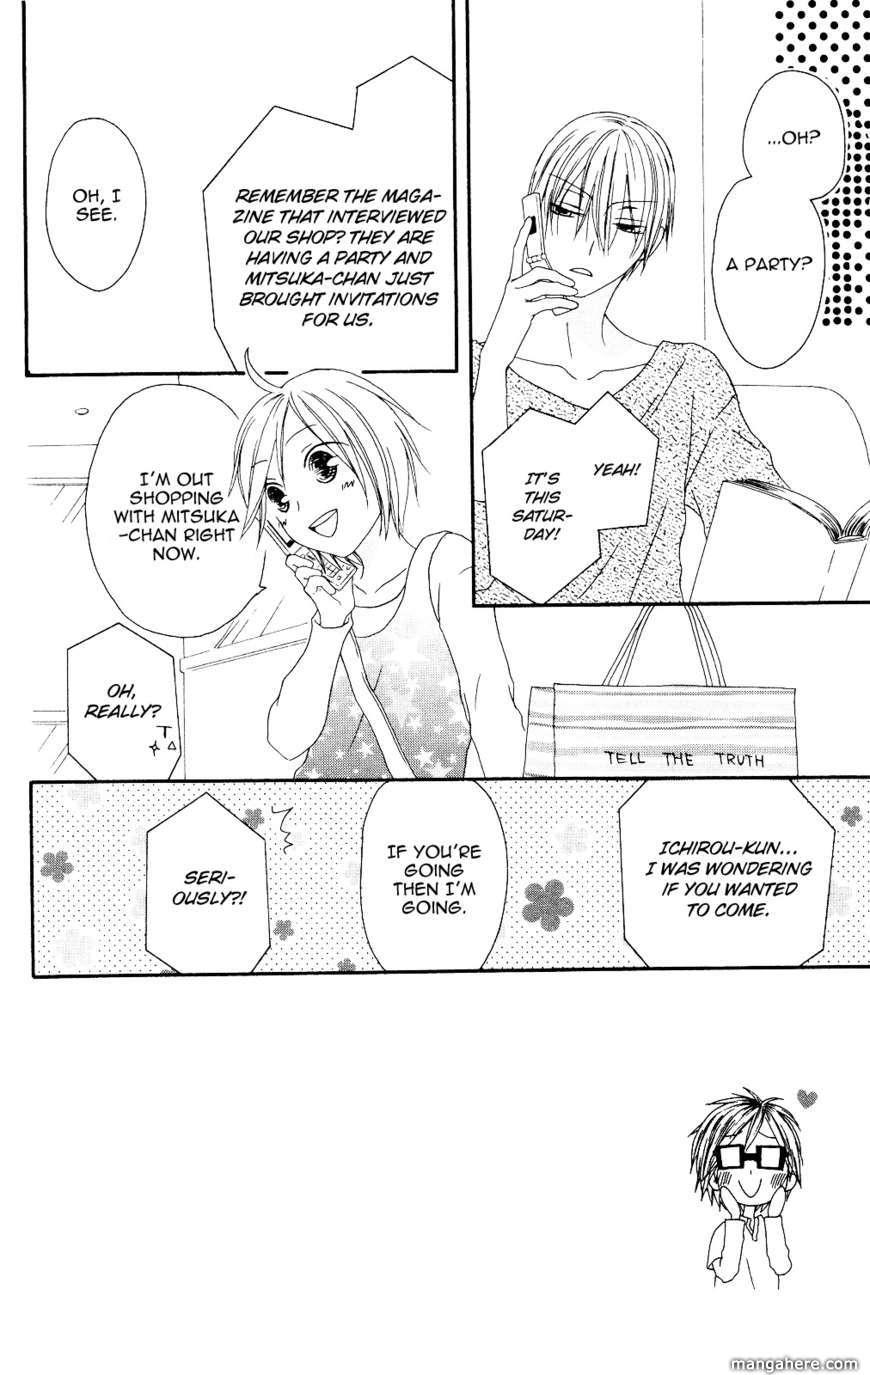 Shiawase Kissa Sanchoume 81 Page 2